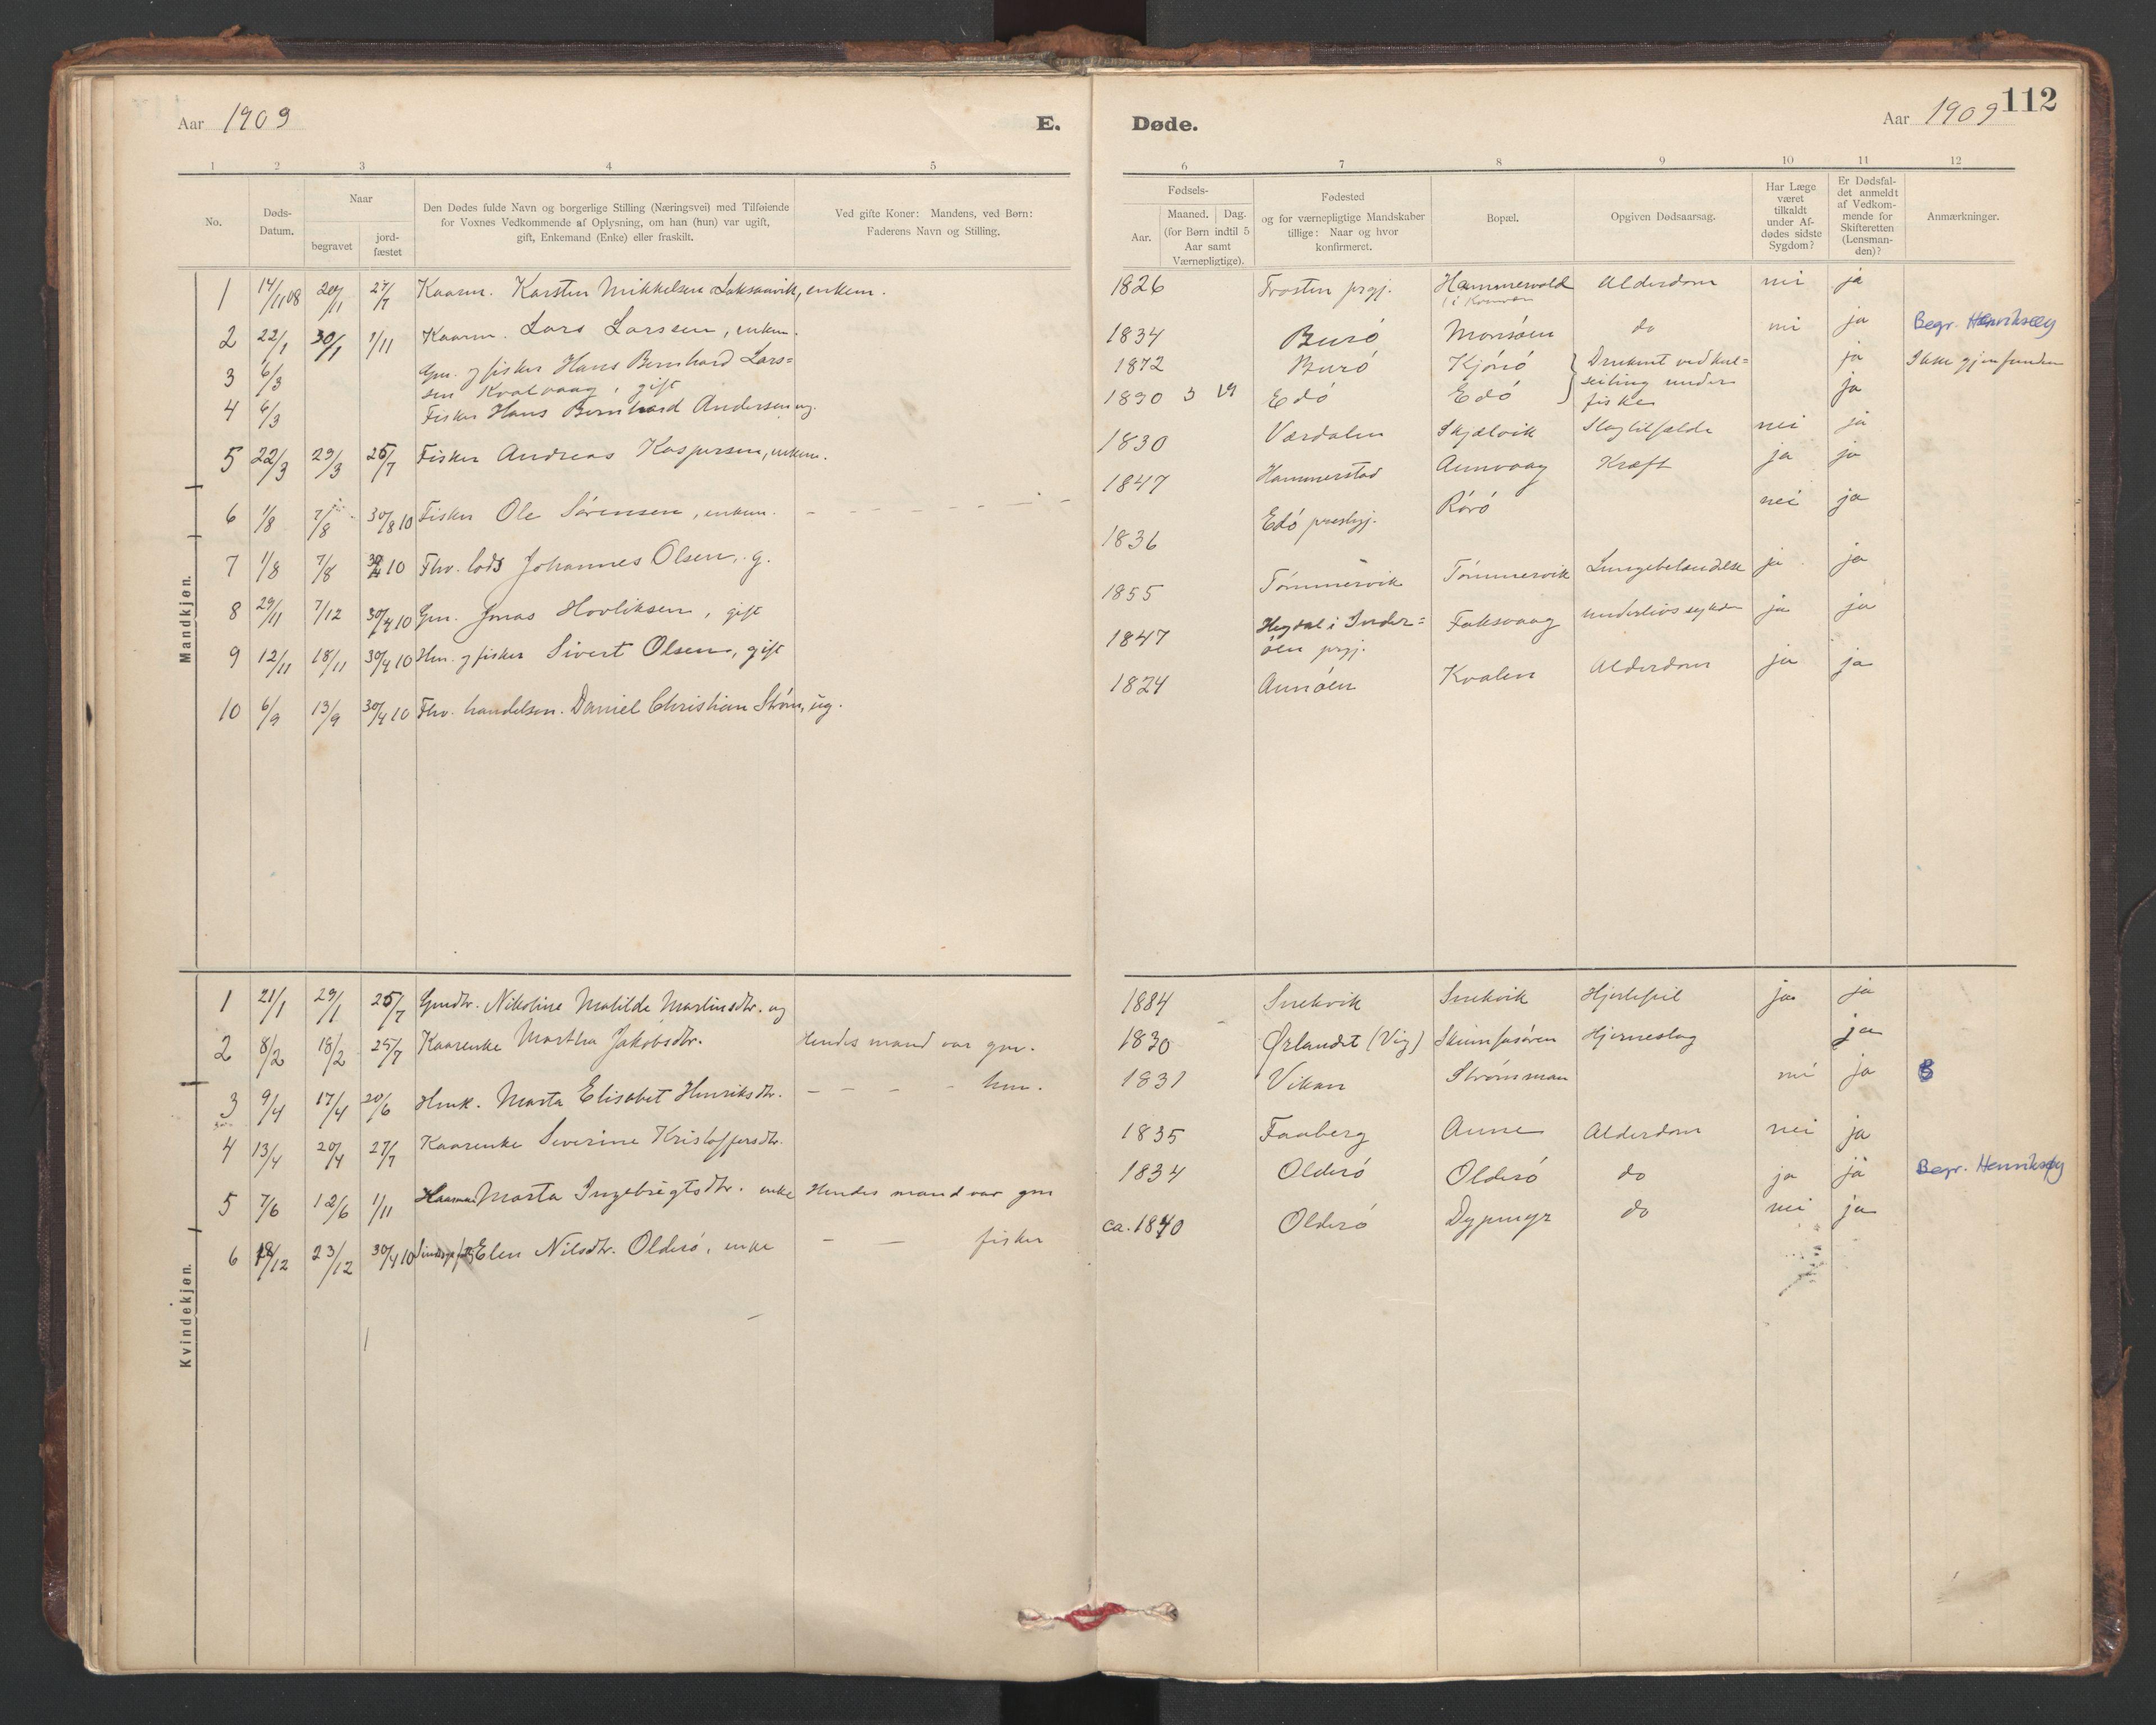 SAT, Ministerialprotokoller, klokkerbøker og fødselsregistre - Sør-Trøndelag, 635/L0552: Ministerialbok nr. 635A02, 1899-1919, s. 112